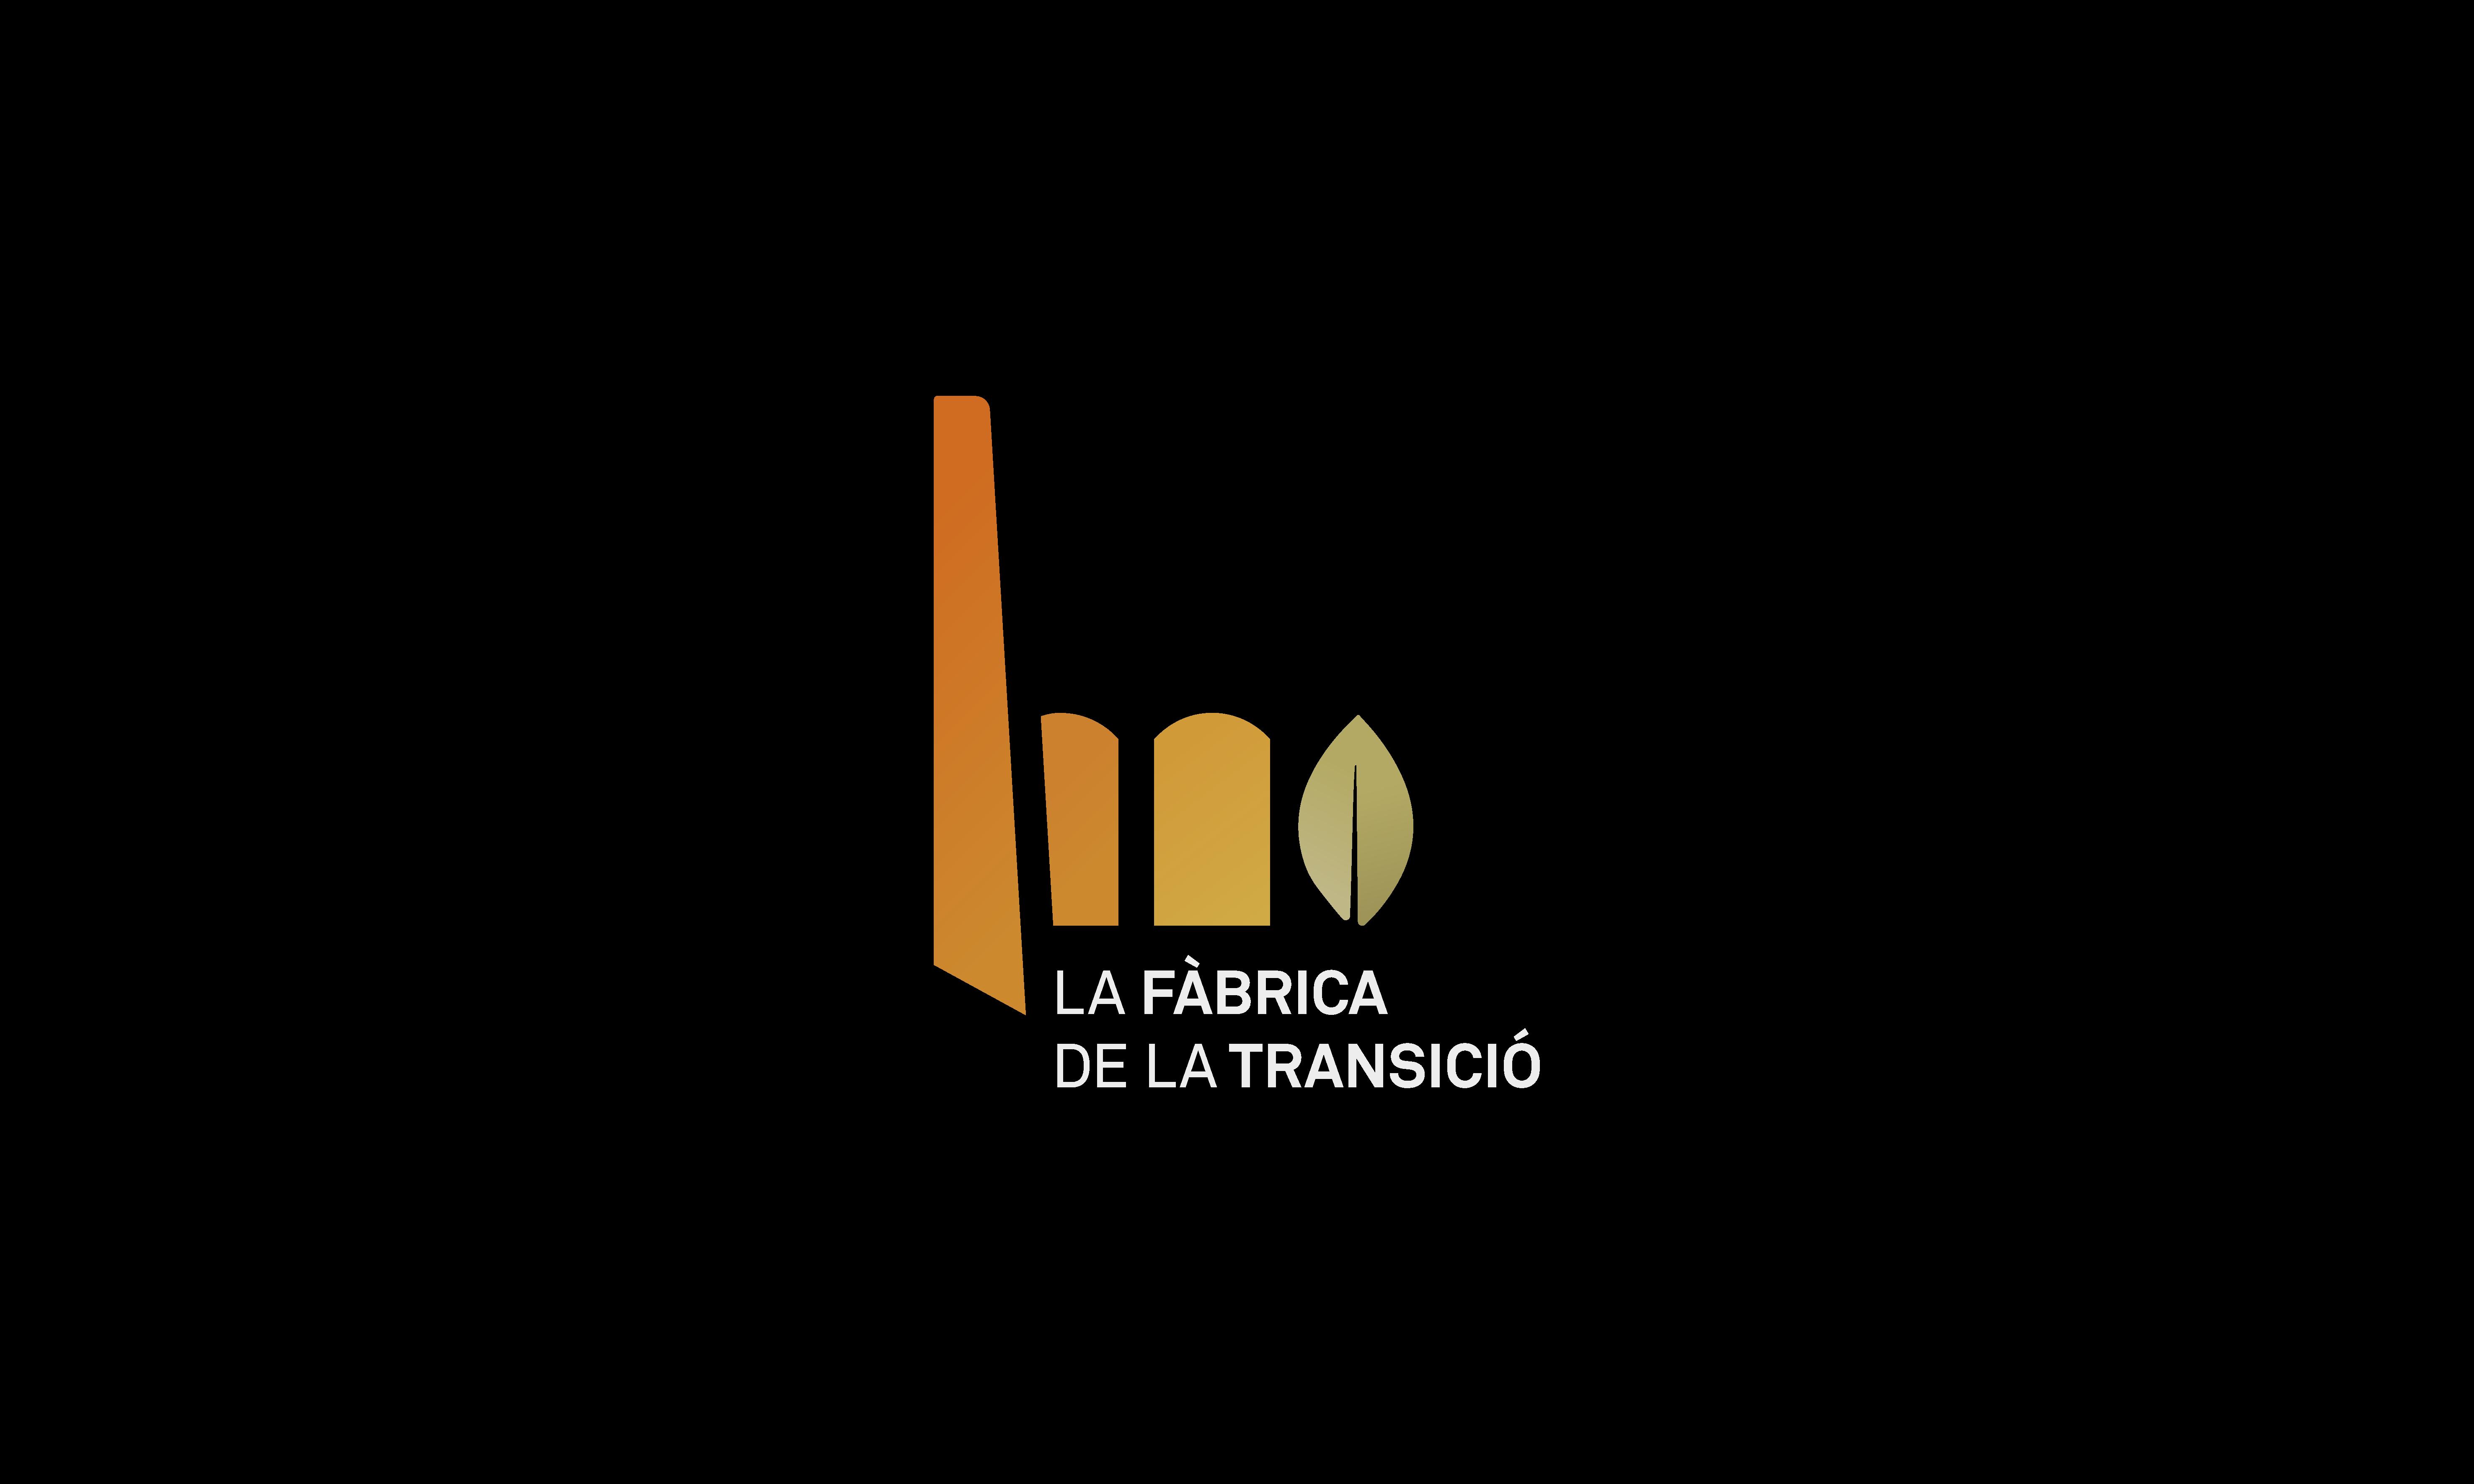 LA FÀBRICA DE LA TRANSICIÓ